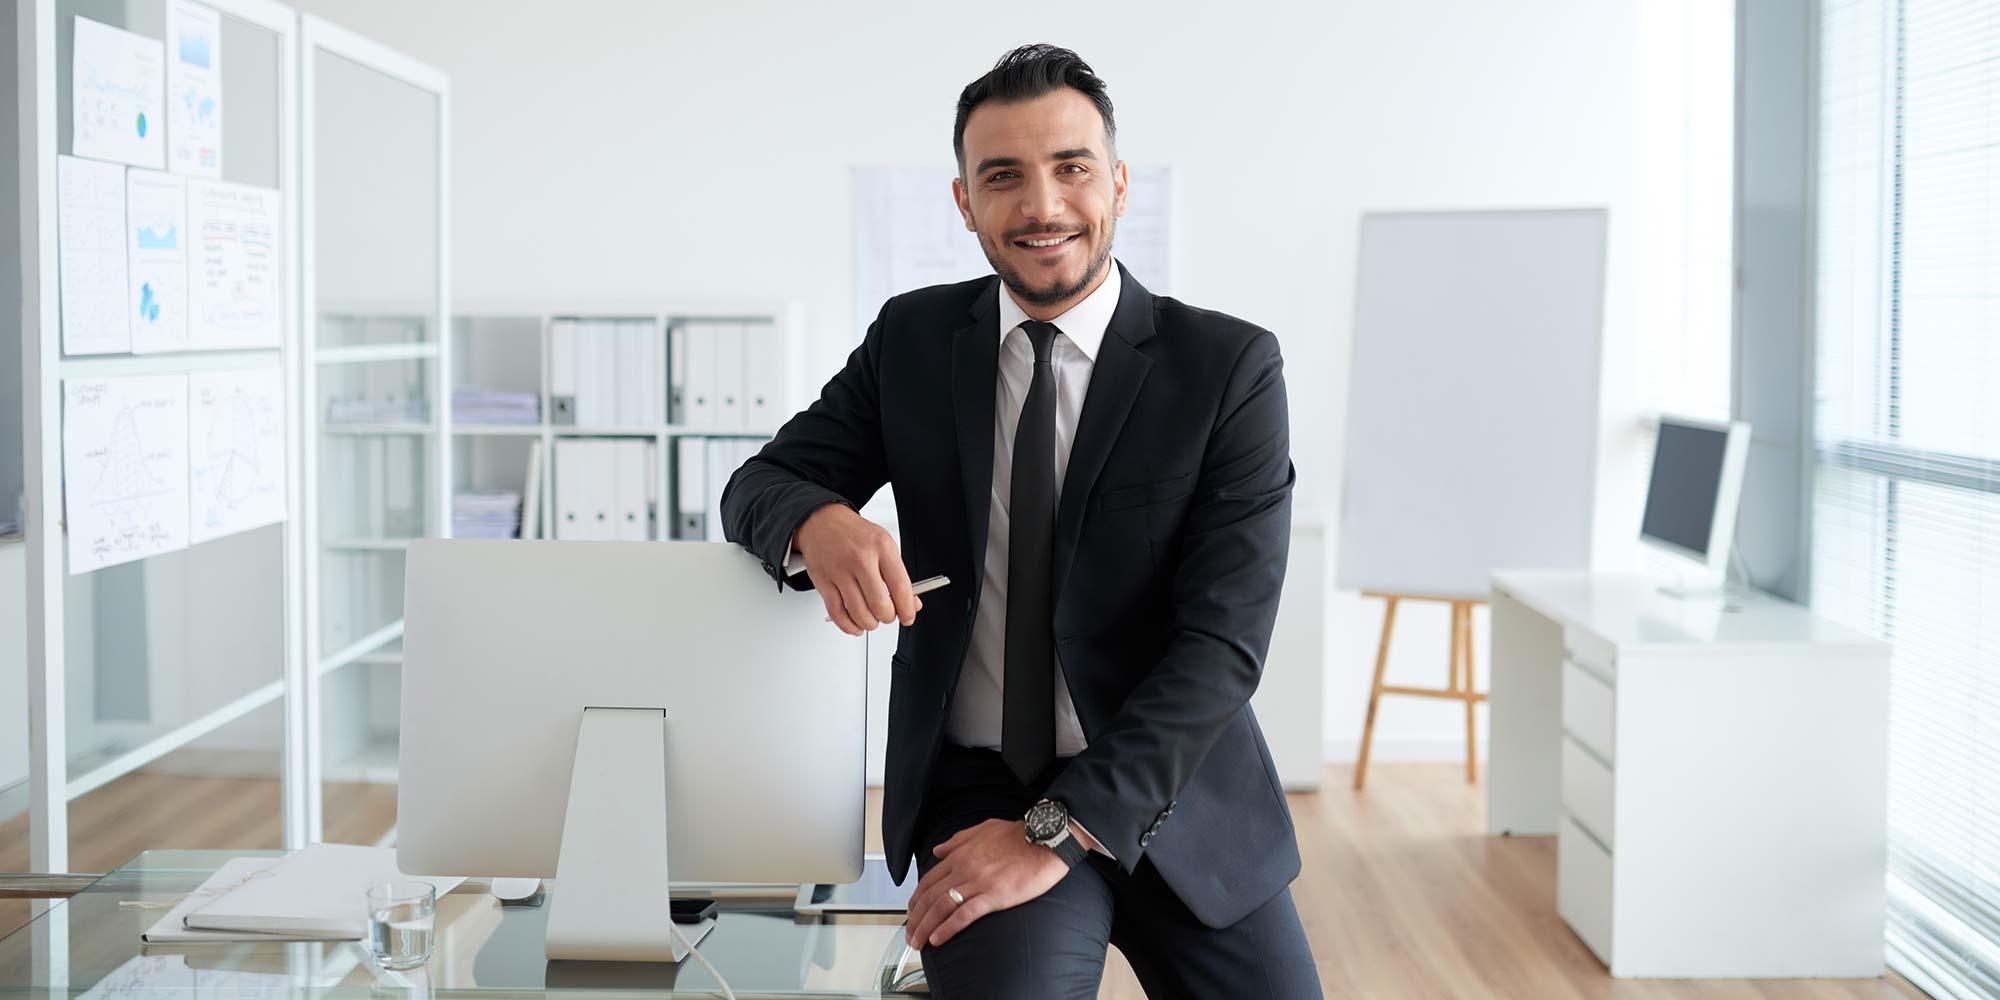 Por que o marketing pessoal é importante no meio jurídico?